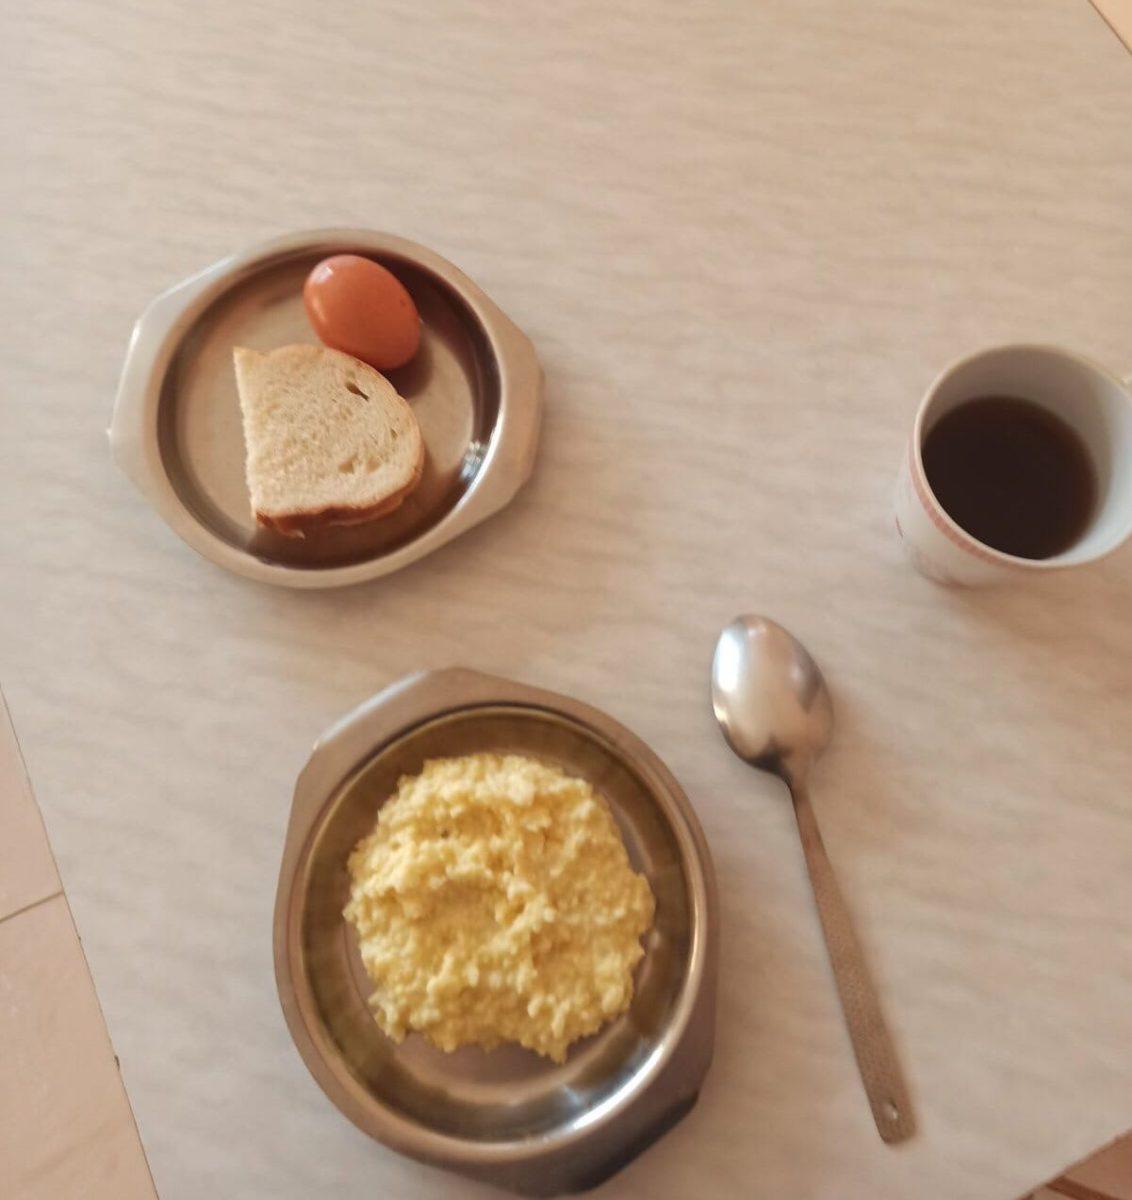 Илья считает, что еда в больнице не очень. Фото предоставлено читателем Intex-press